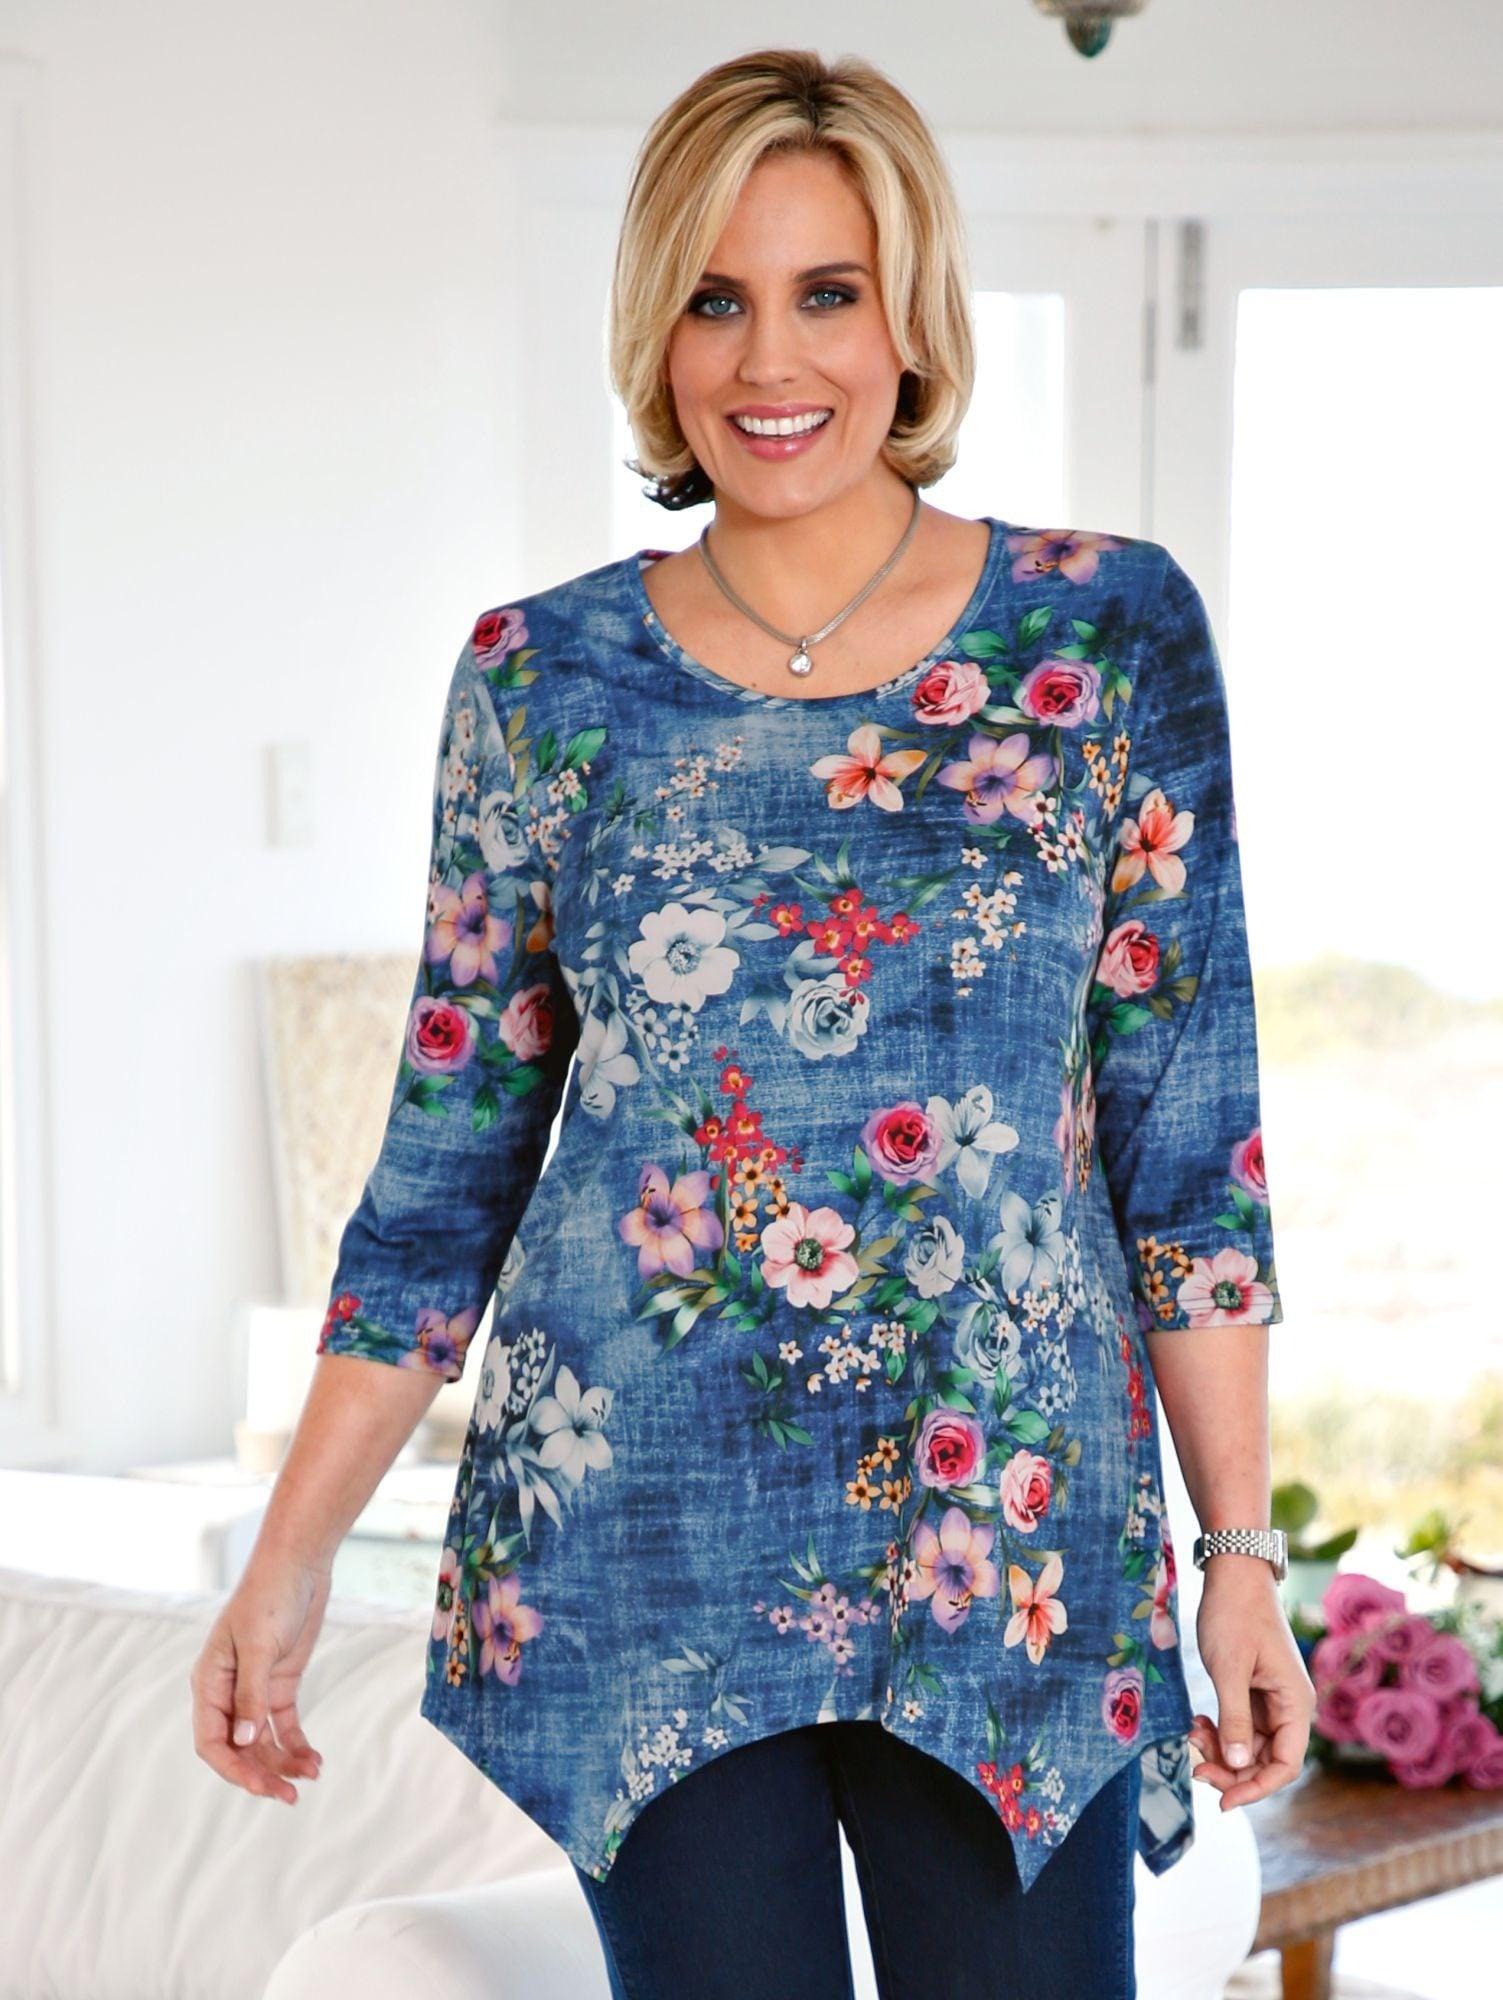 m collection Zipfelshirt rundum mit Blumenmuster | Bekleidung > Shirts > Zipfelshirts | Blau | M. Collection